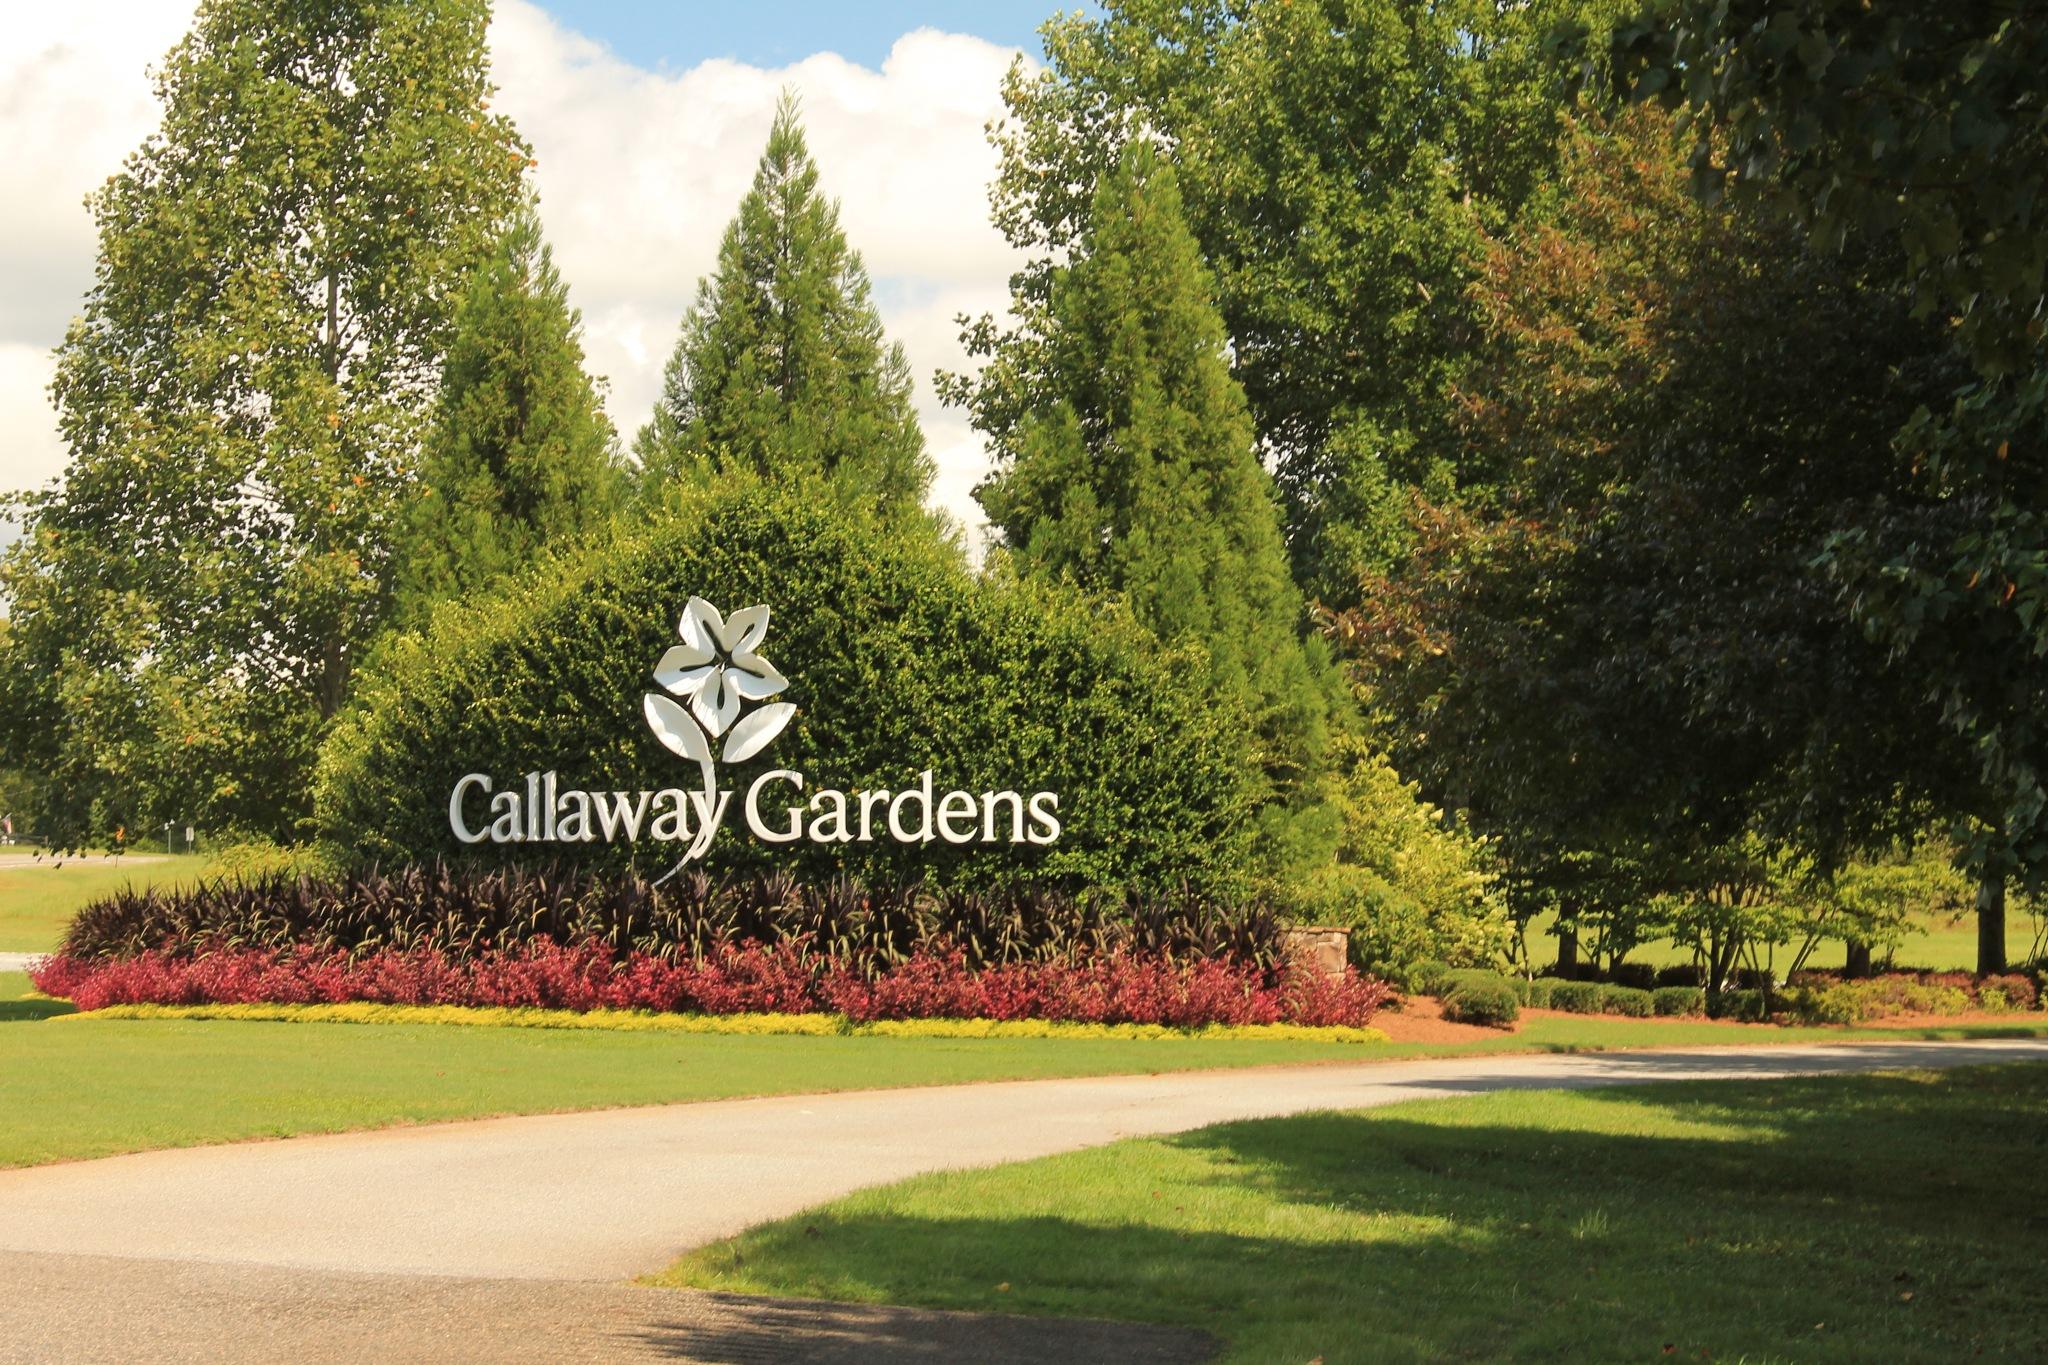 Callaway Gardens Entrance by Thomas Vasas Photography